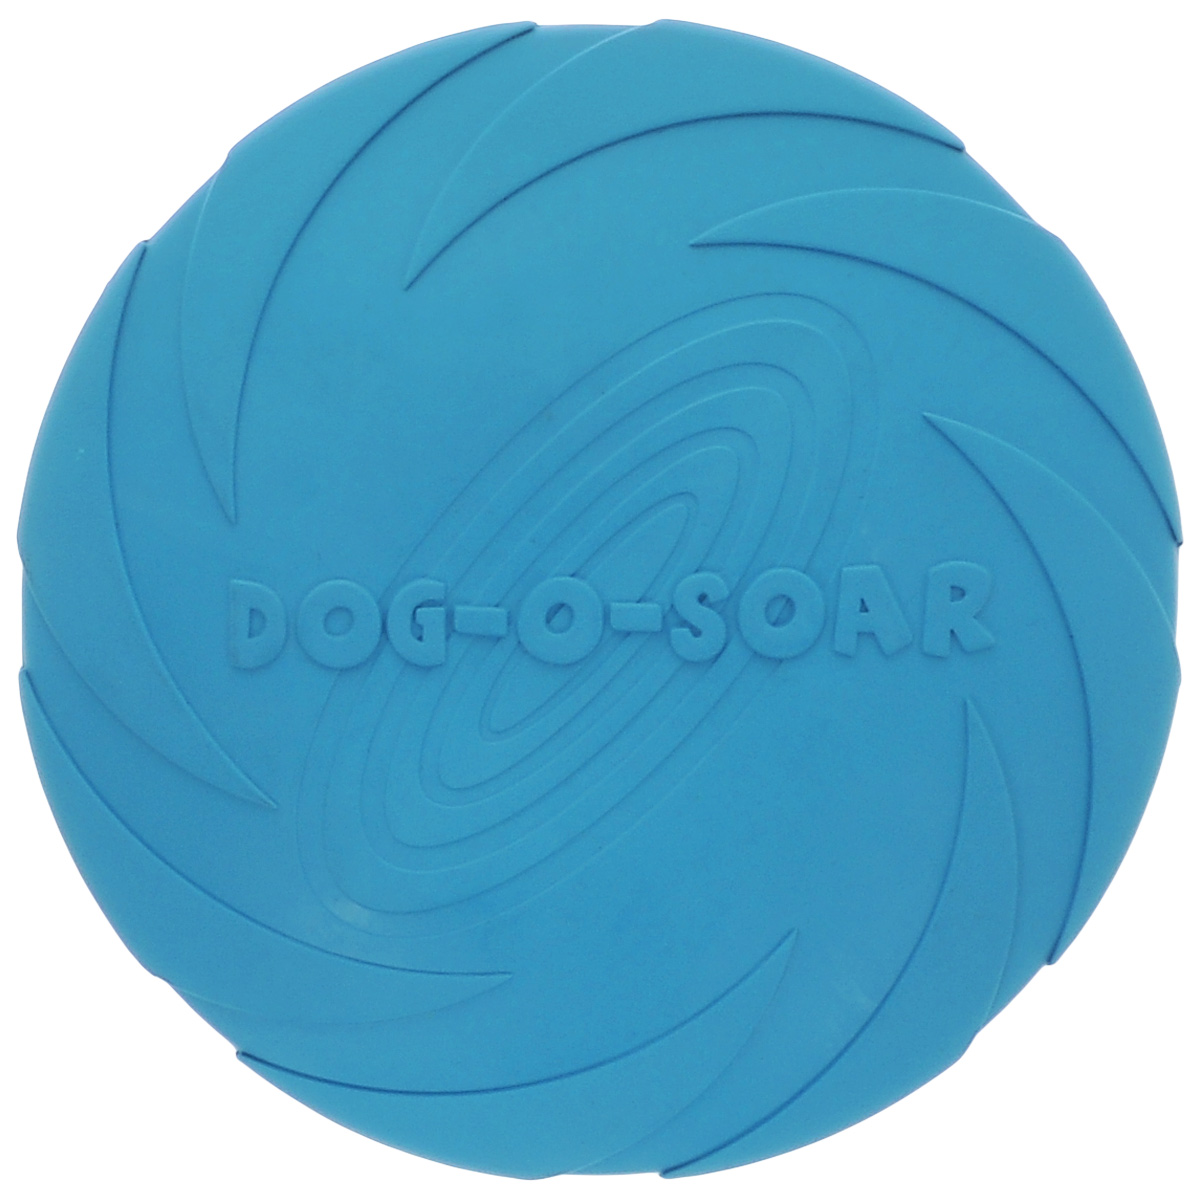 Игрушка для собак I.P.T.S. Фрисби, цвет: бирюзовый, диаметр 22 см игрушка головоломка для собак i p t s fanatic диаметр 22 см